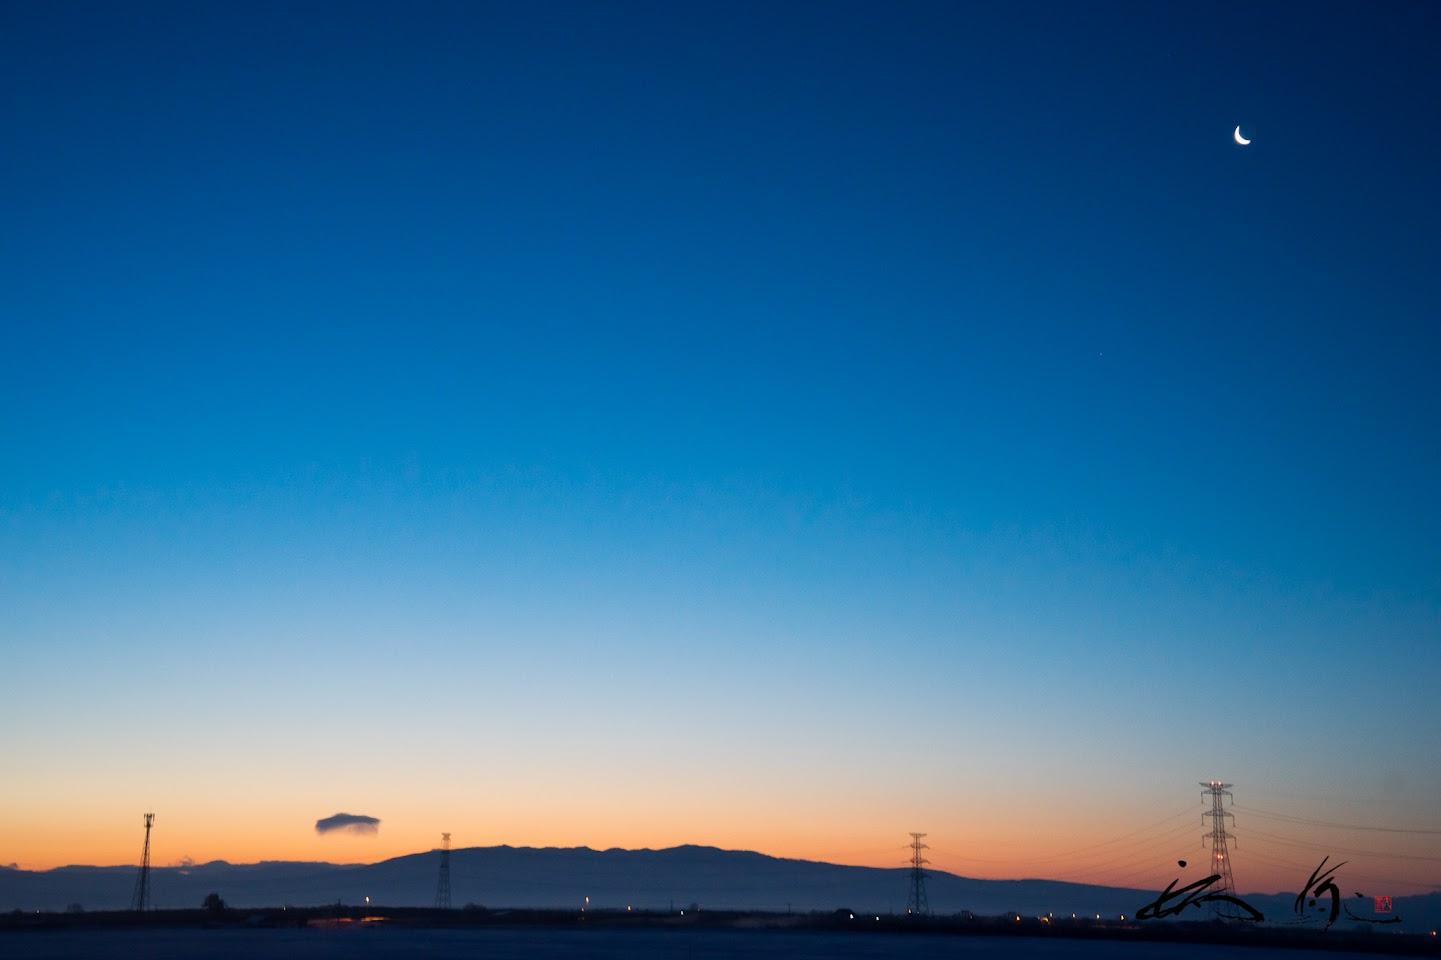 マジックアワーの瑠璃色の空に浮かぶ三日月